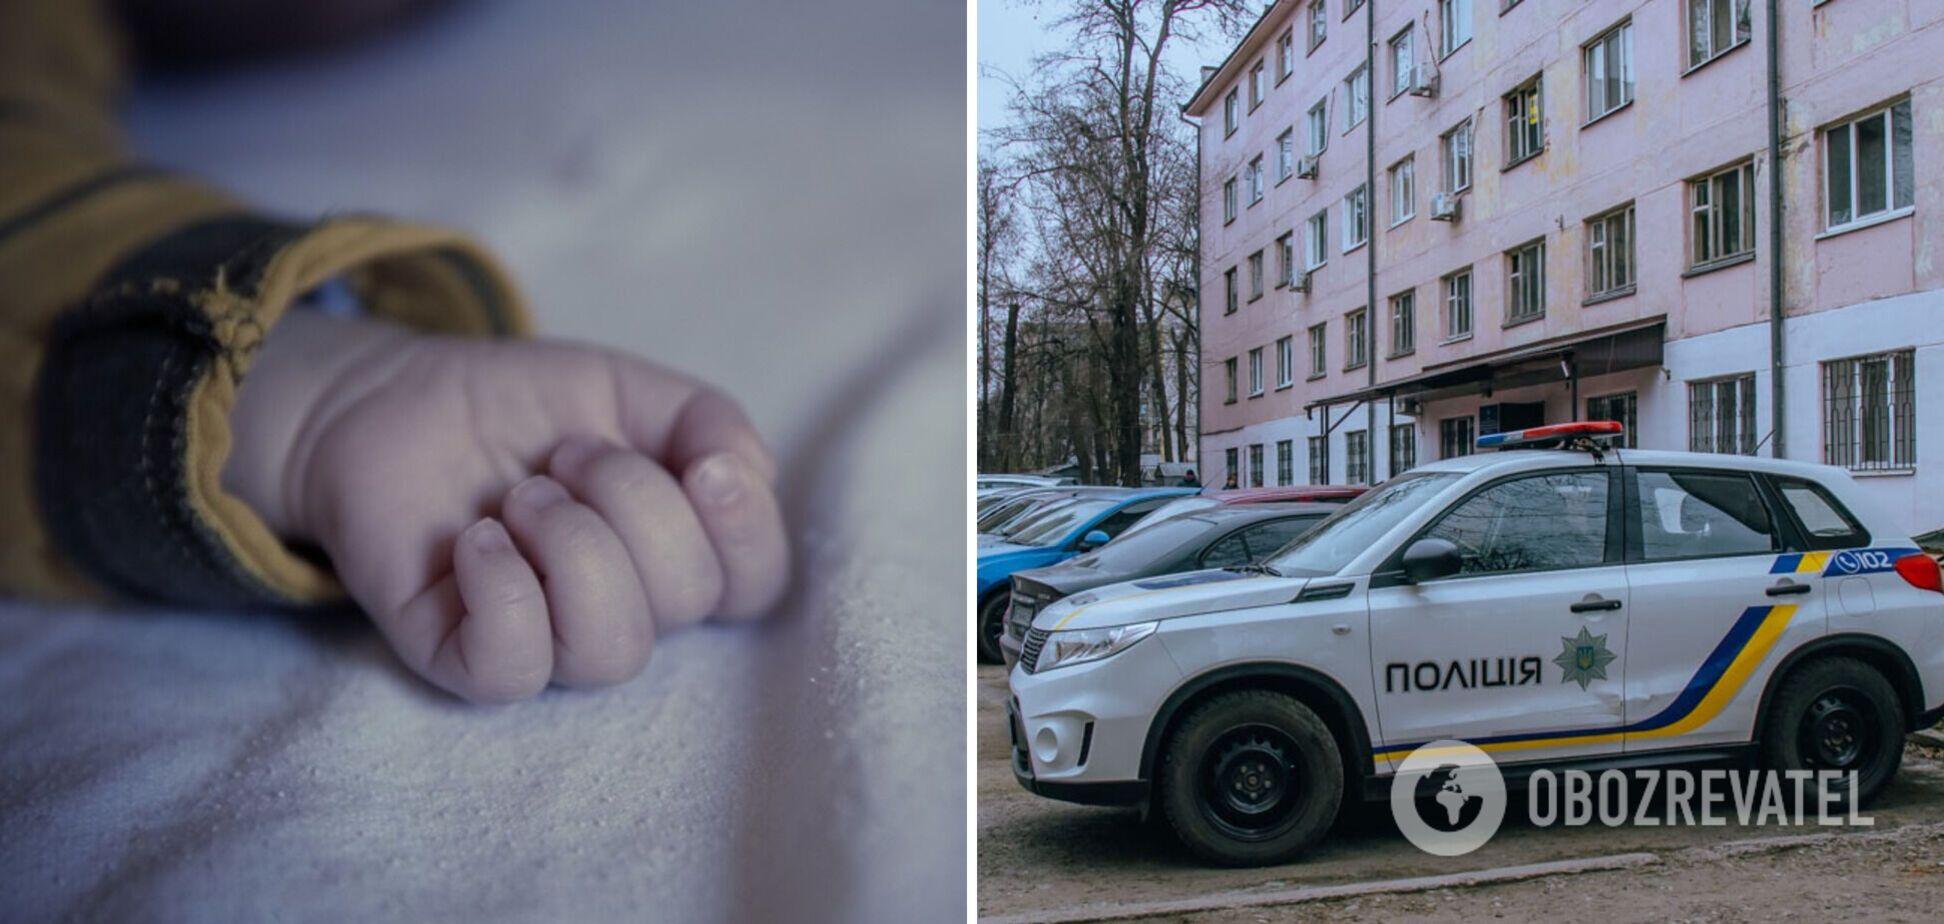 В Днепре нашли мертвым месячного ребенка с гематомами по всему телу